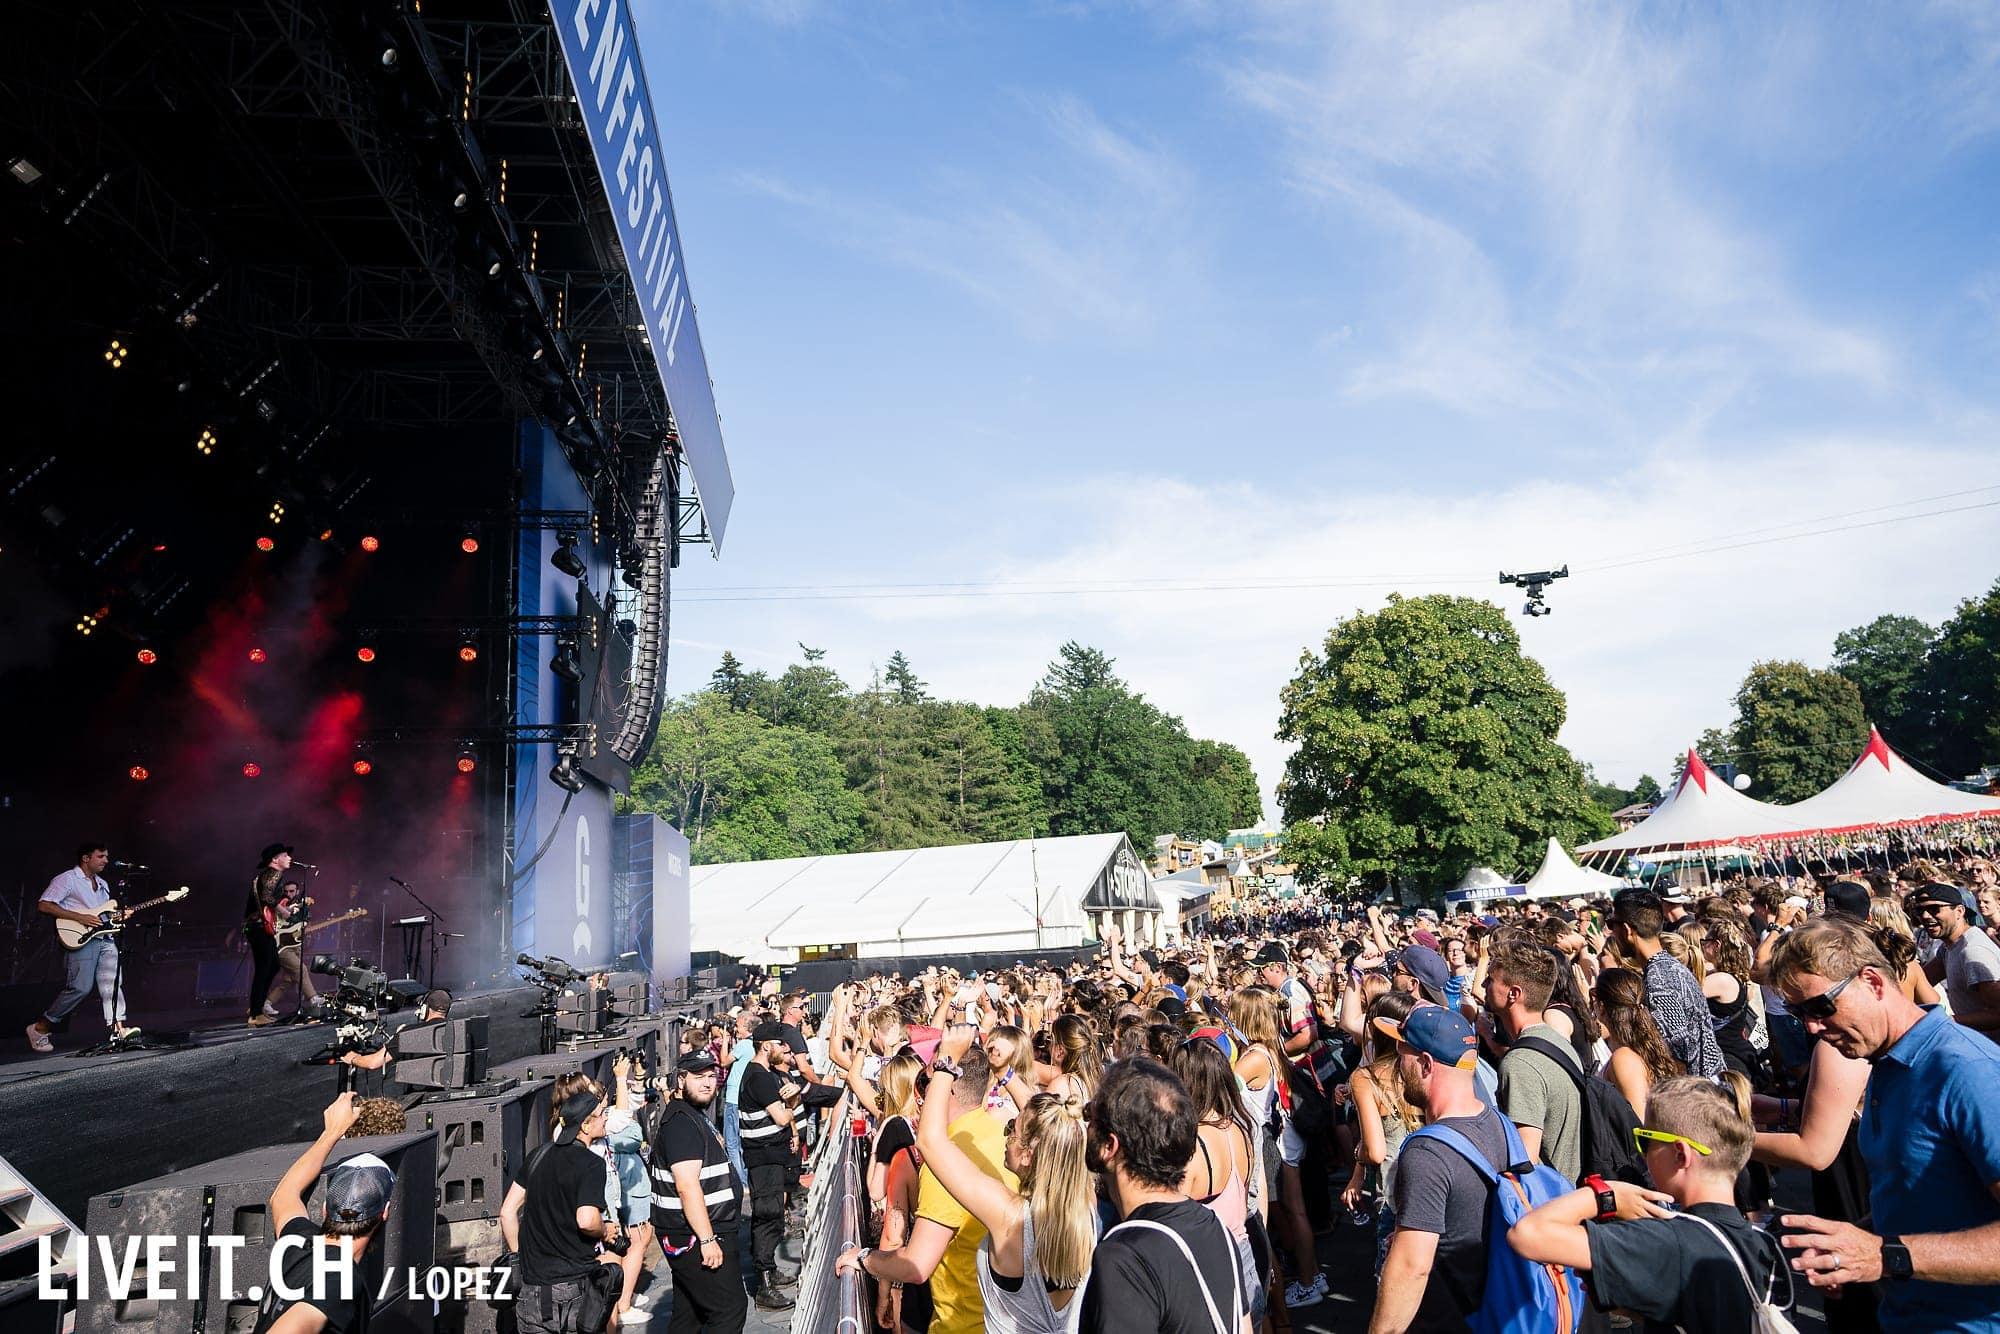 Two Door Cinema Club fotografiert am Gurtenfestival 2018 in Bern. (Manuel Lopez for Gurtenfestival)